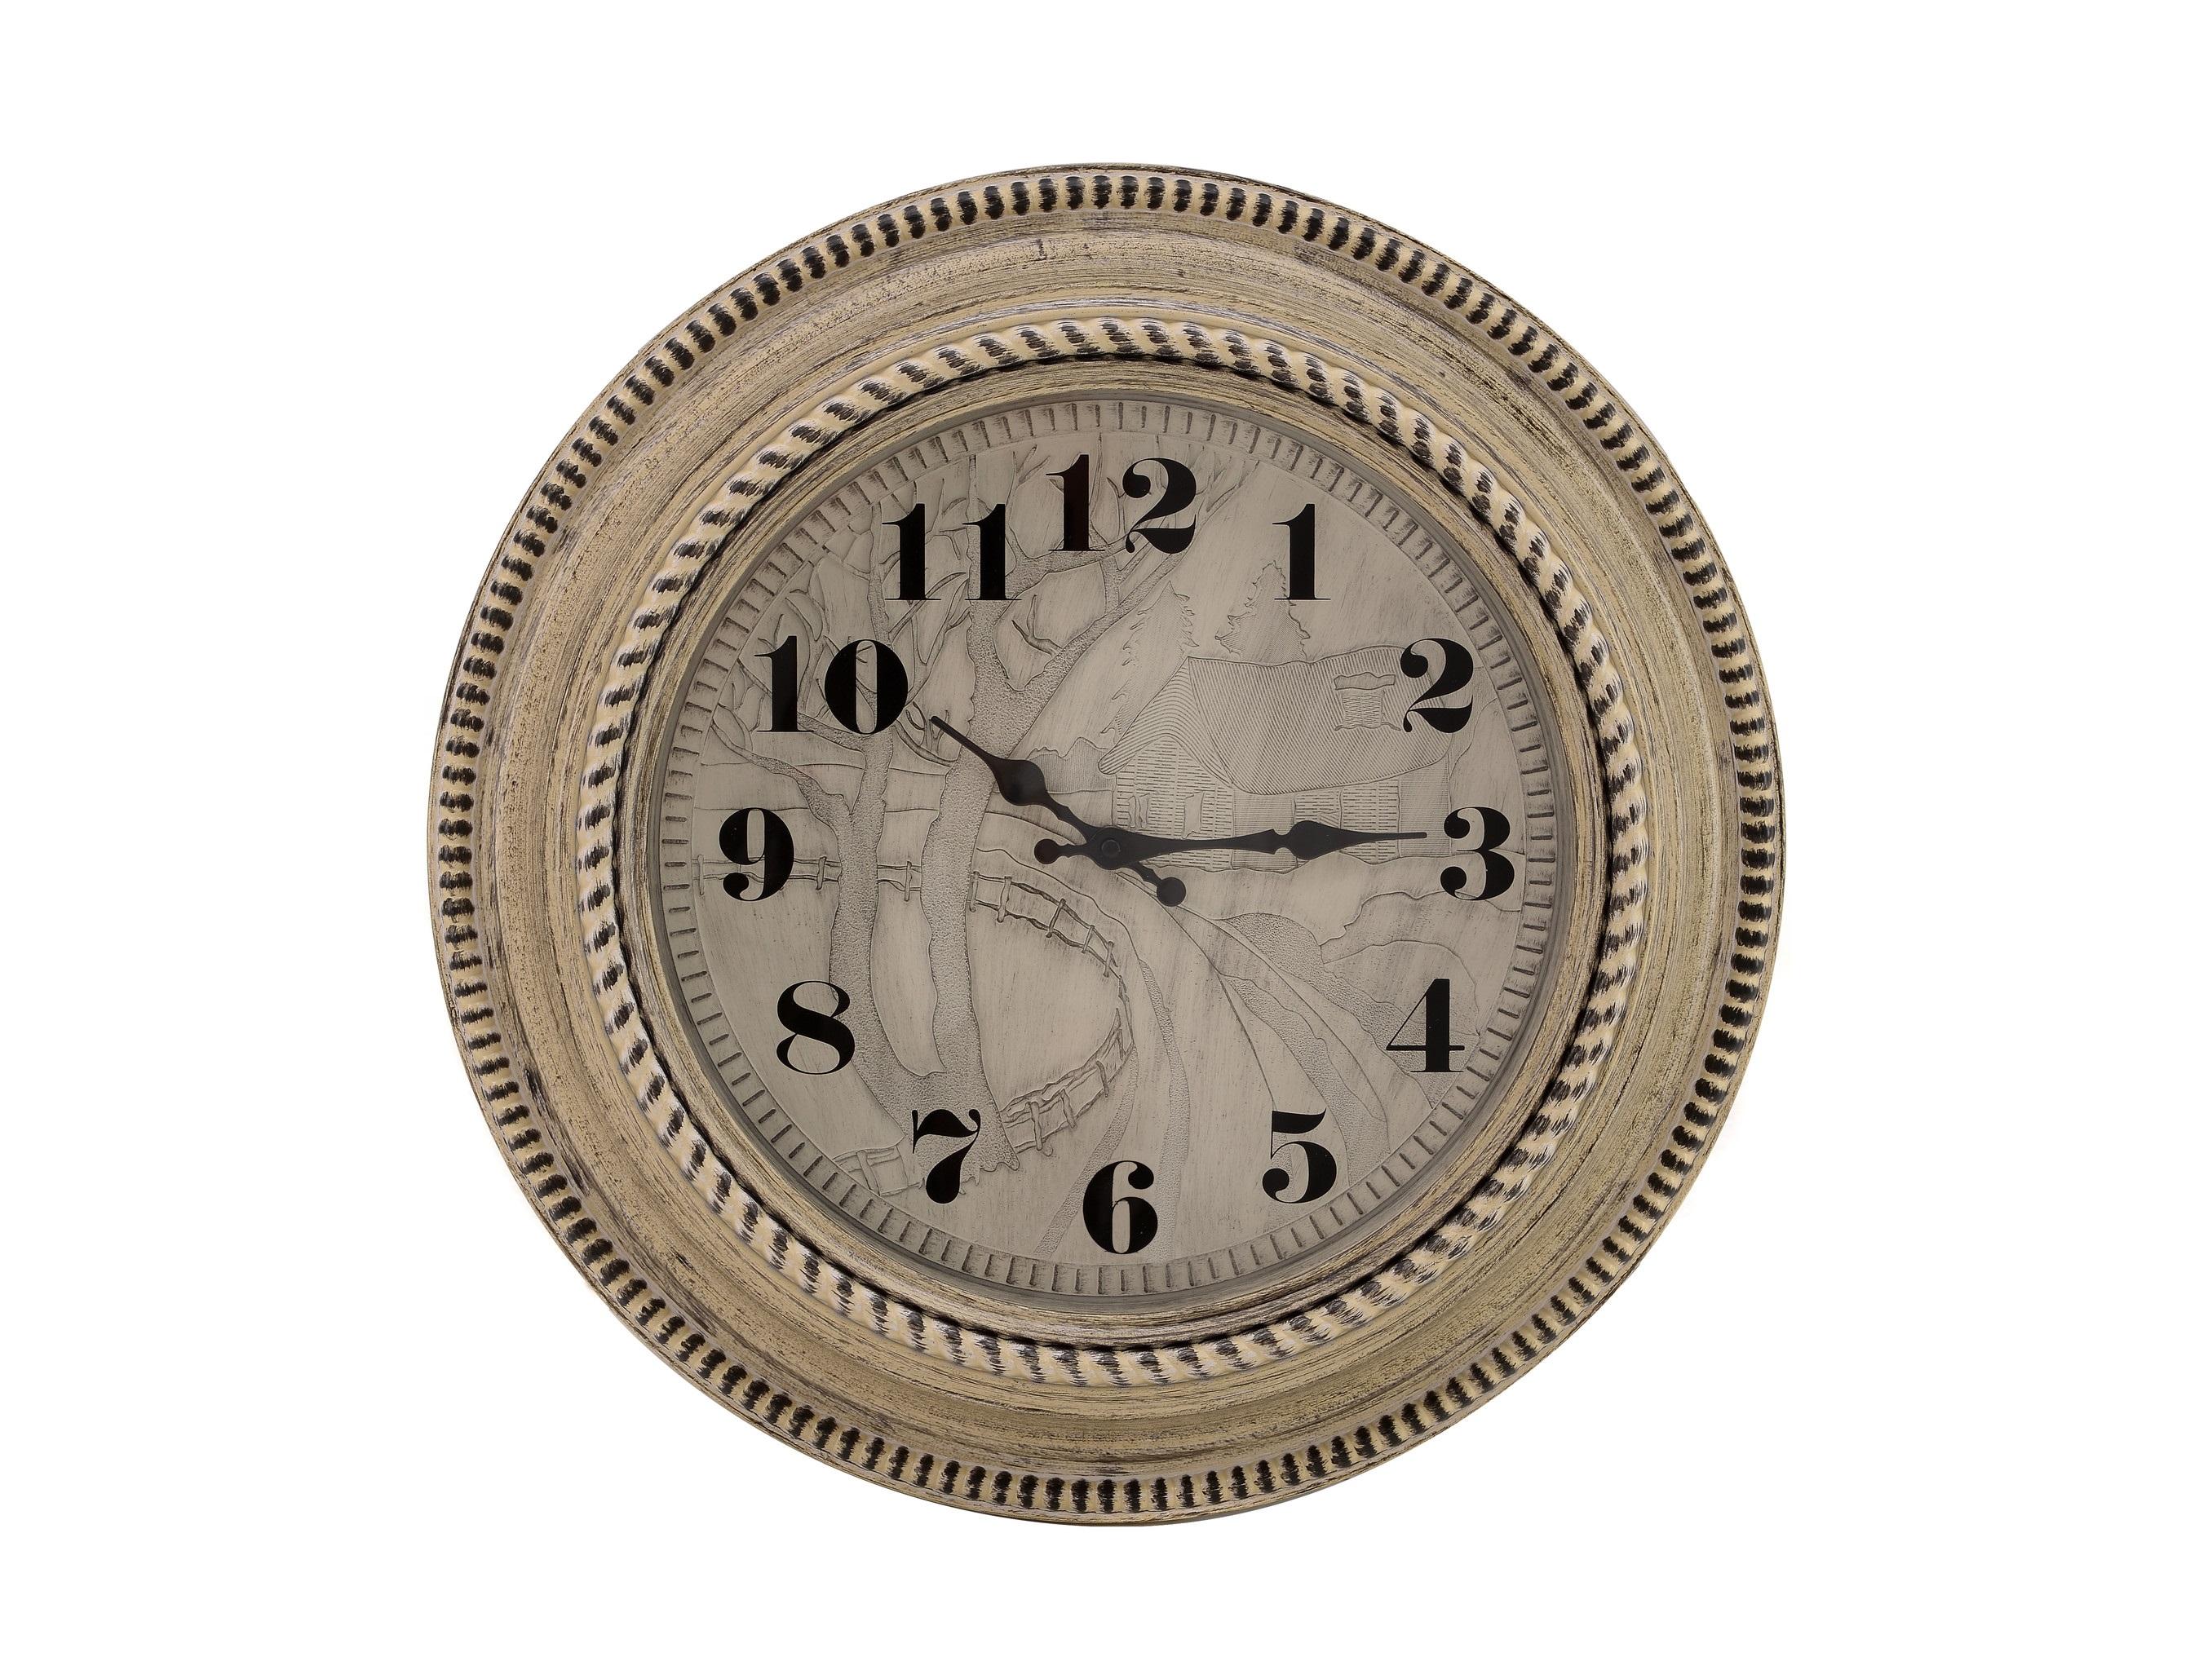 Часы настенные BakondНастенные часы<br>&amp;lt;div&amp;gt;Кварцевый механизм&amp;lt;/div&amp;gt;&amp;lt;div&amp;gt;Материал: стекло, пластик&amp;lt;/div&amp;gt;<br><br>Material: Пластик<br>Глубина см: 6